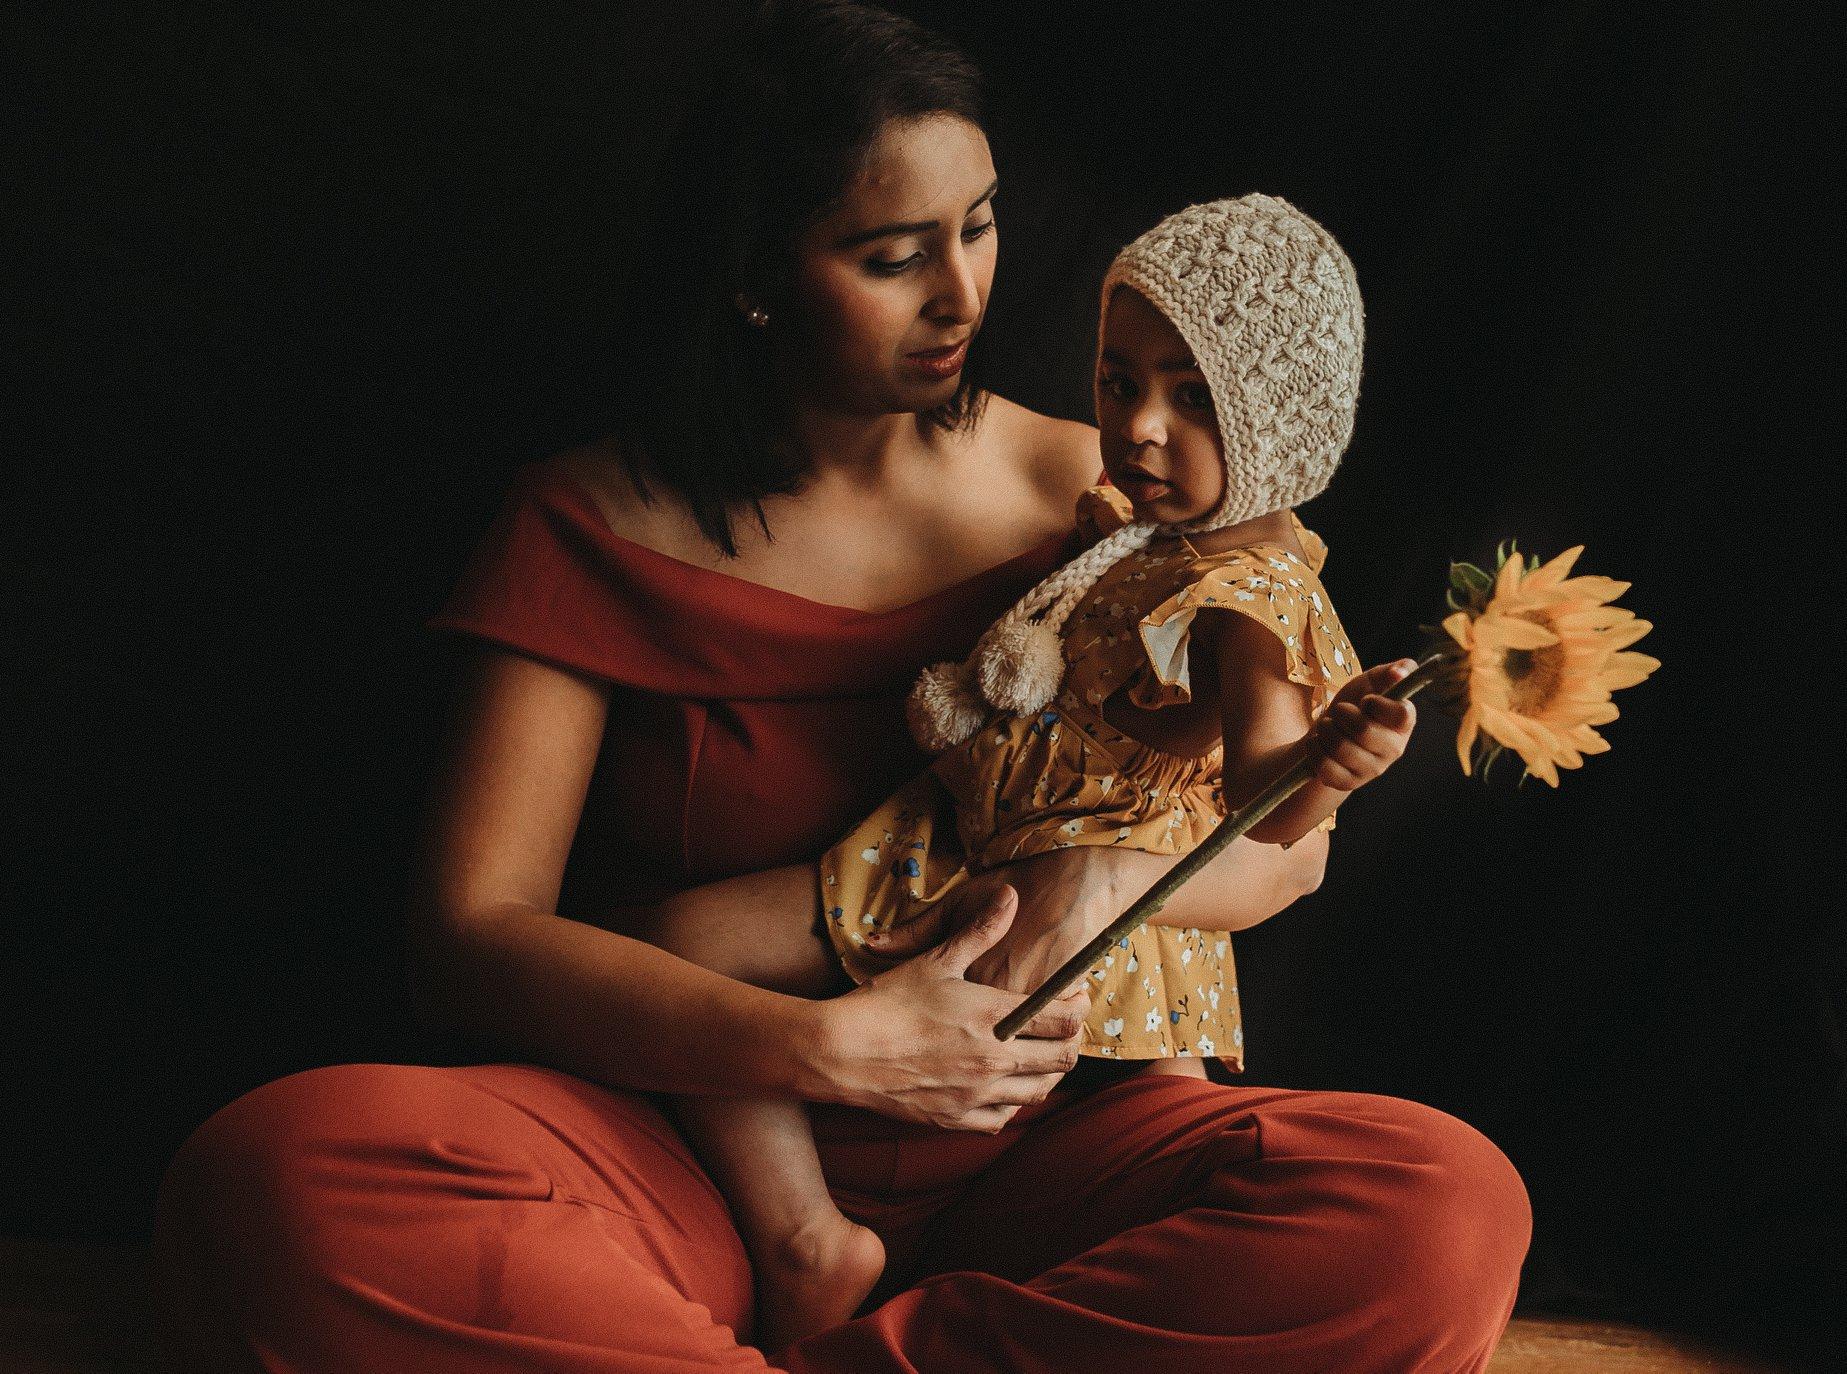 Jyotsna Bhamidipati